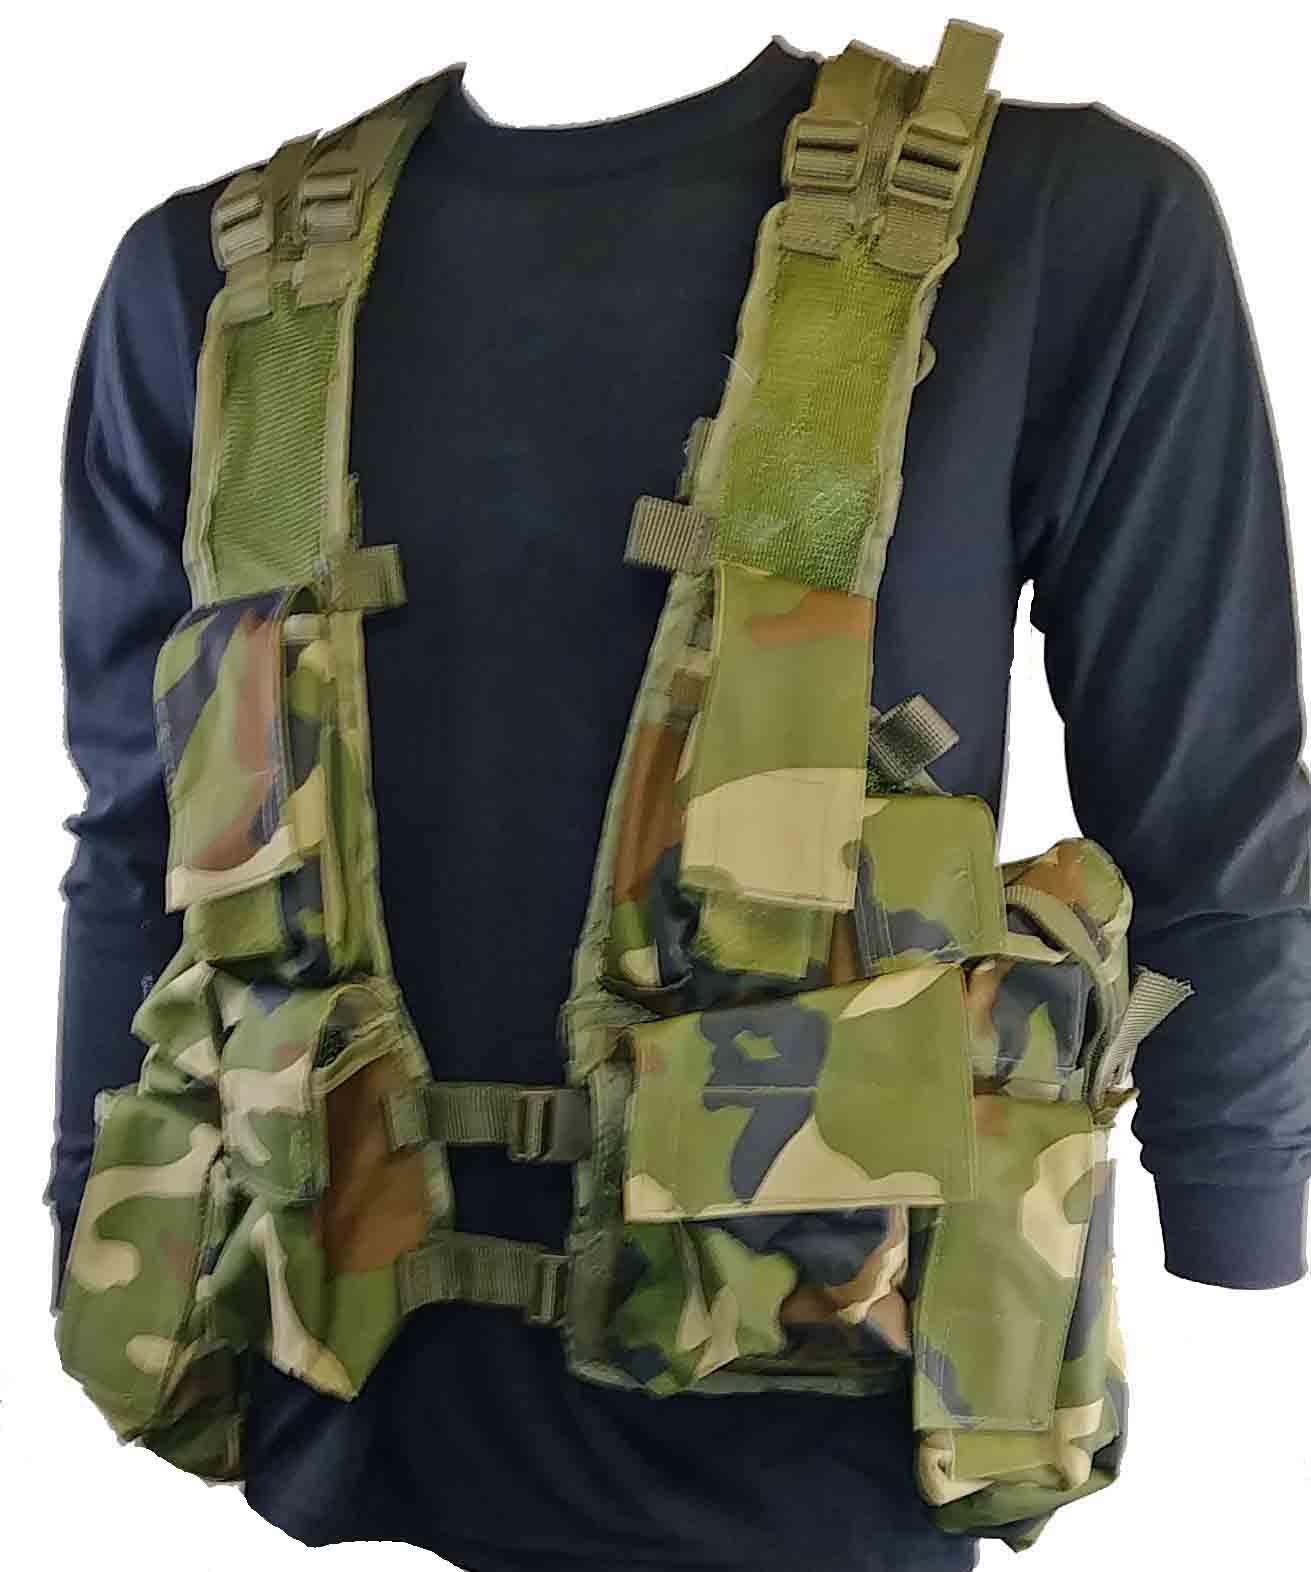 Woodland camo tactical vest